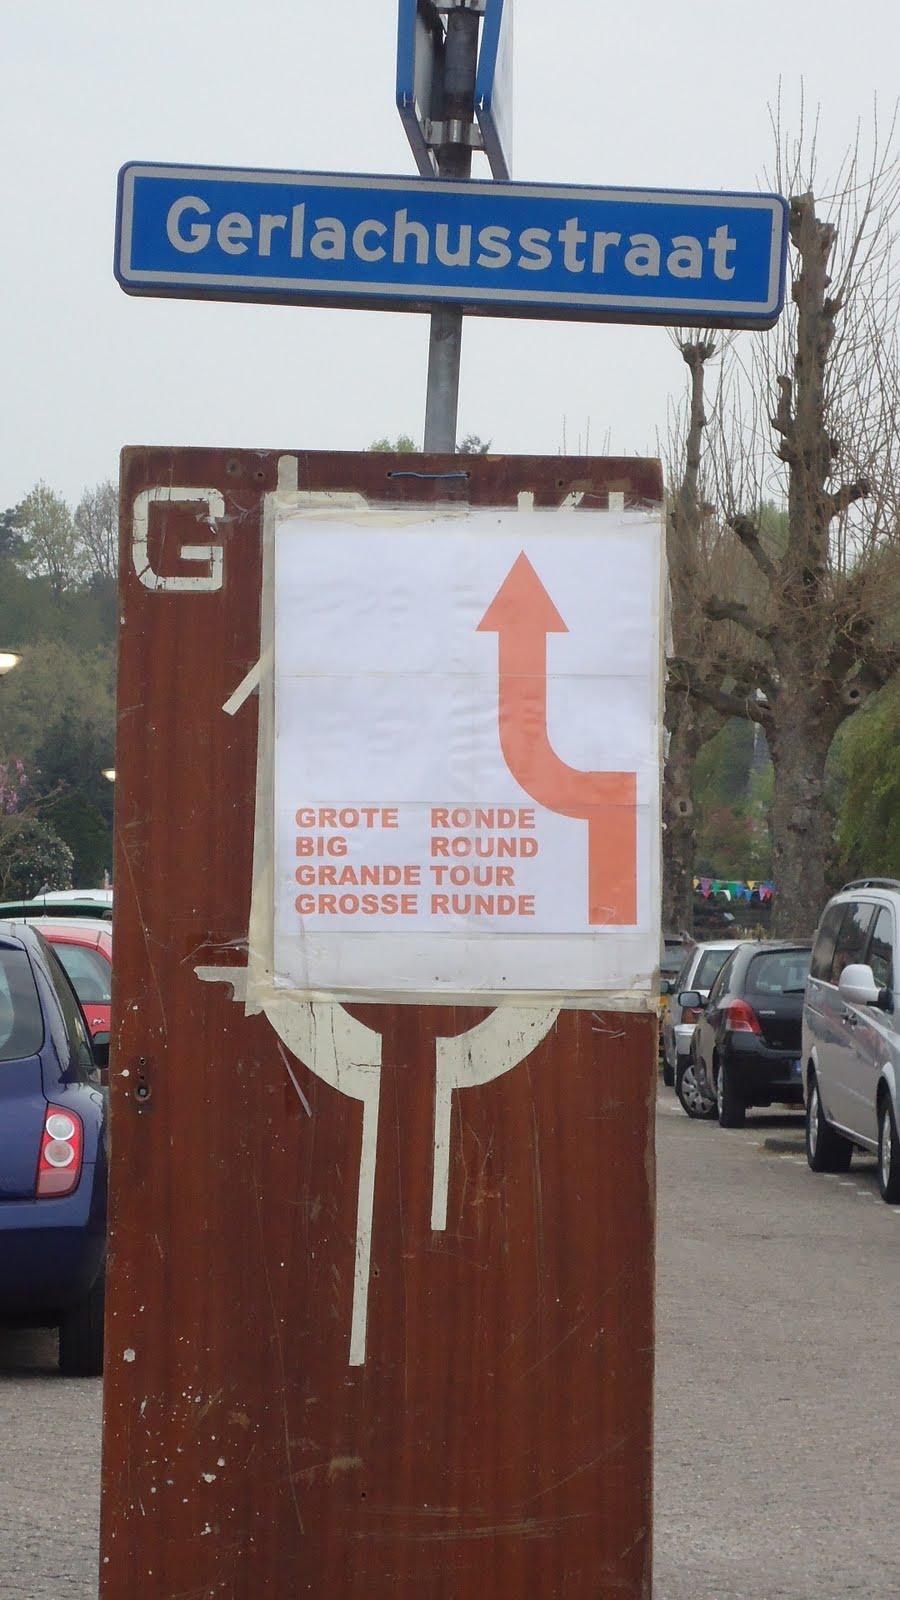 """15h """"Nacht van Loon"""" ou 80km, places limitées: 21-22/04/2012 Foto+261"""